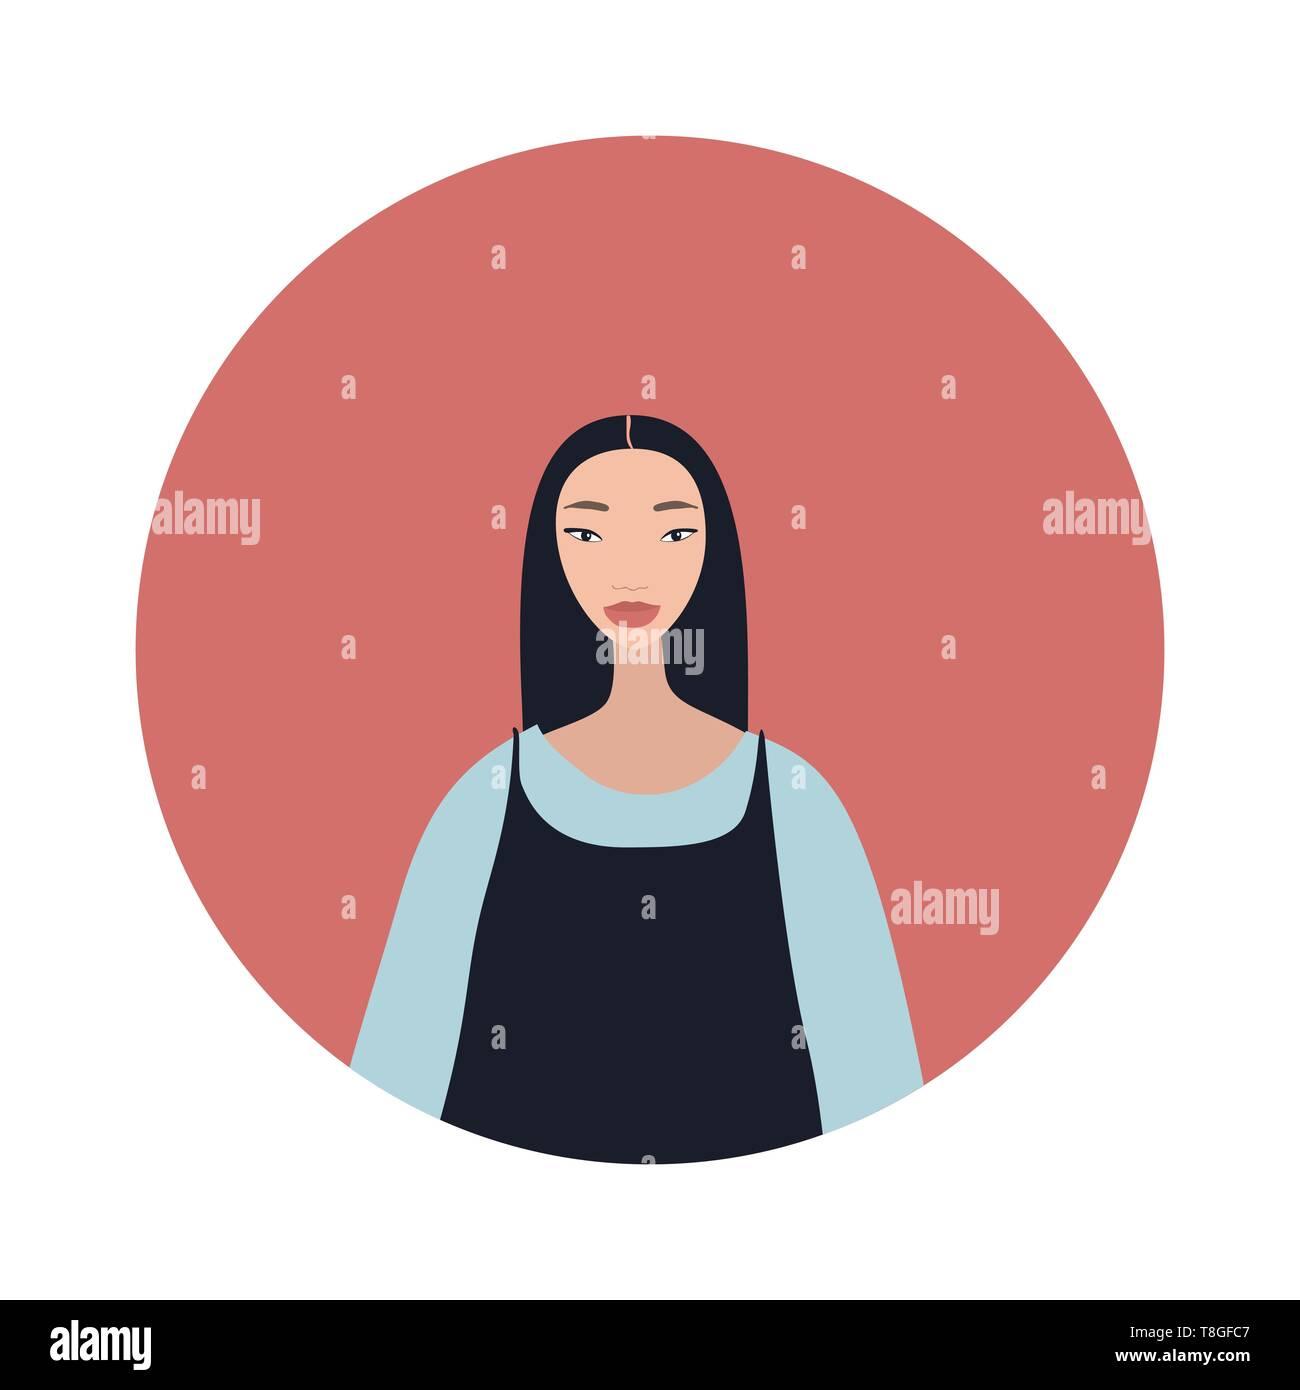 Jeune femme asiatique aux cheveux noirs regarde Belle élégante Illustration de Vecteur